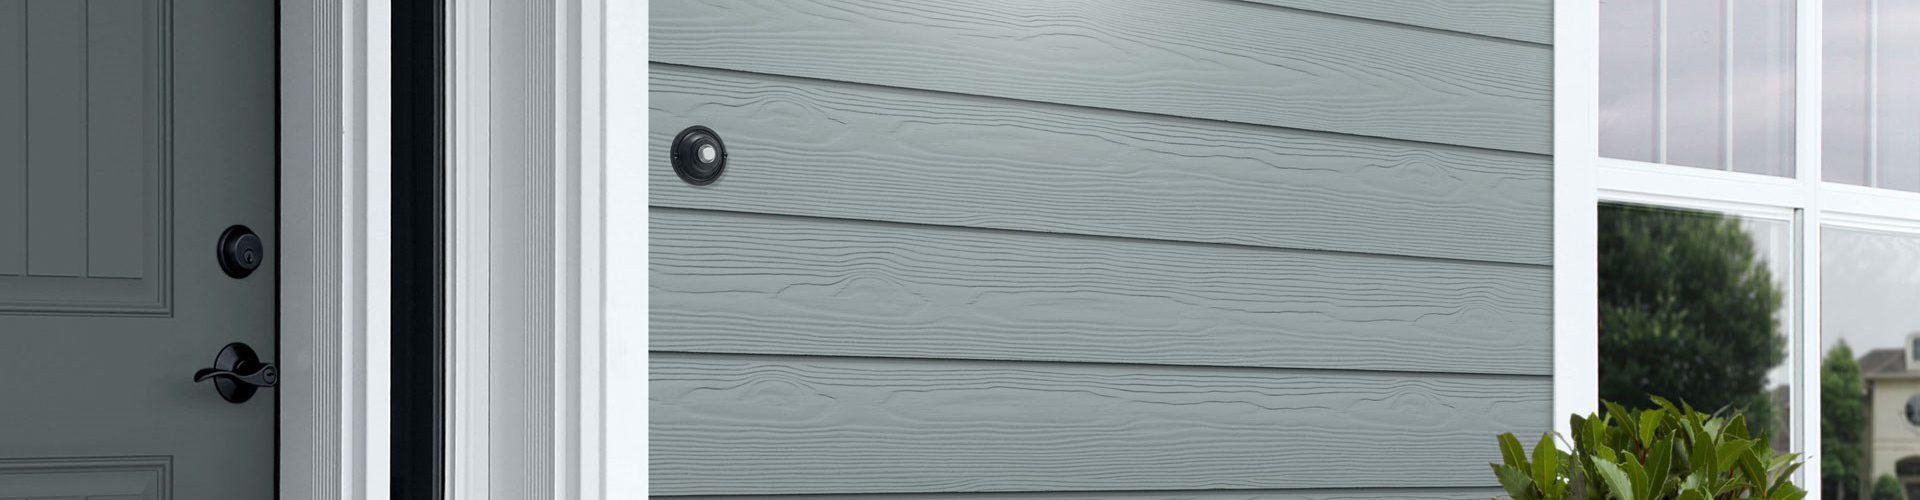 Cedral Classic C10 Ere ookean - ülekattega puidumustriga voodrilaud